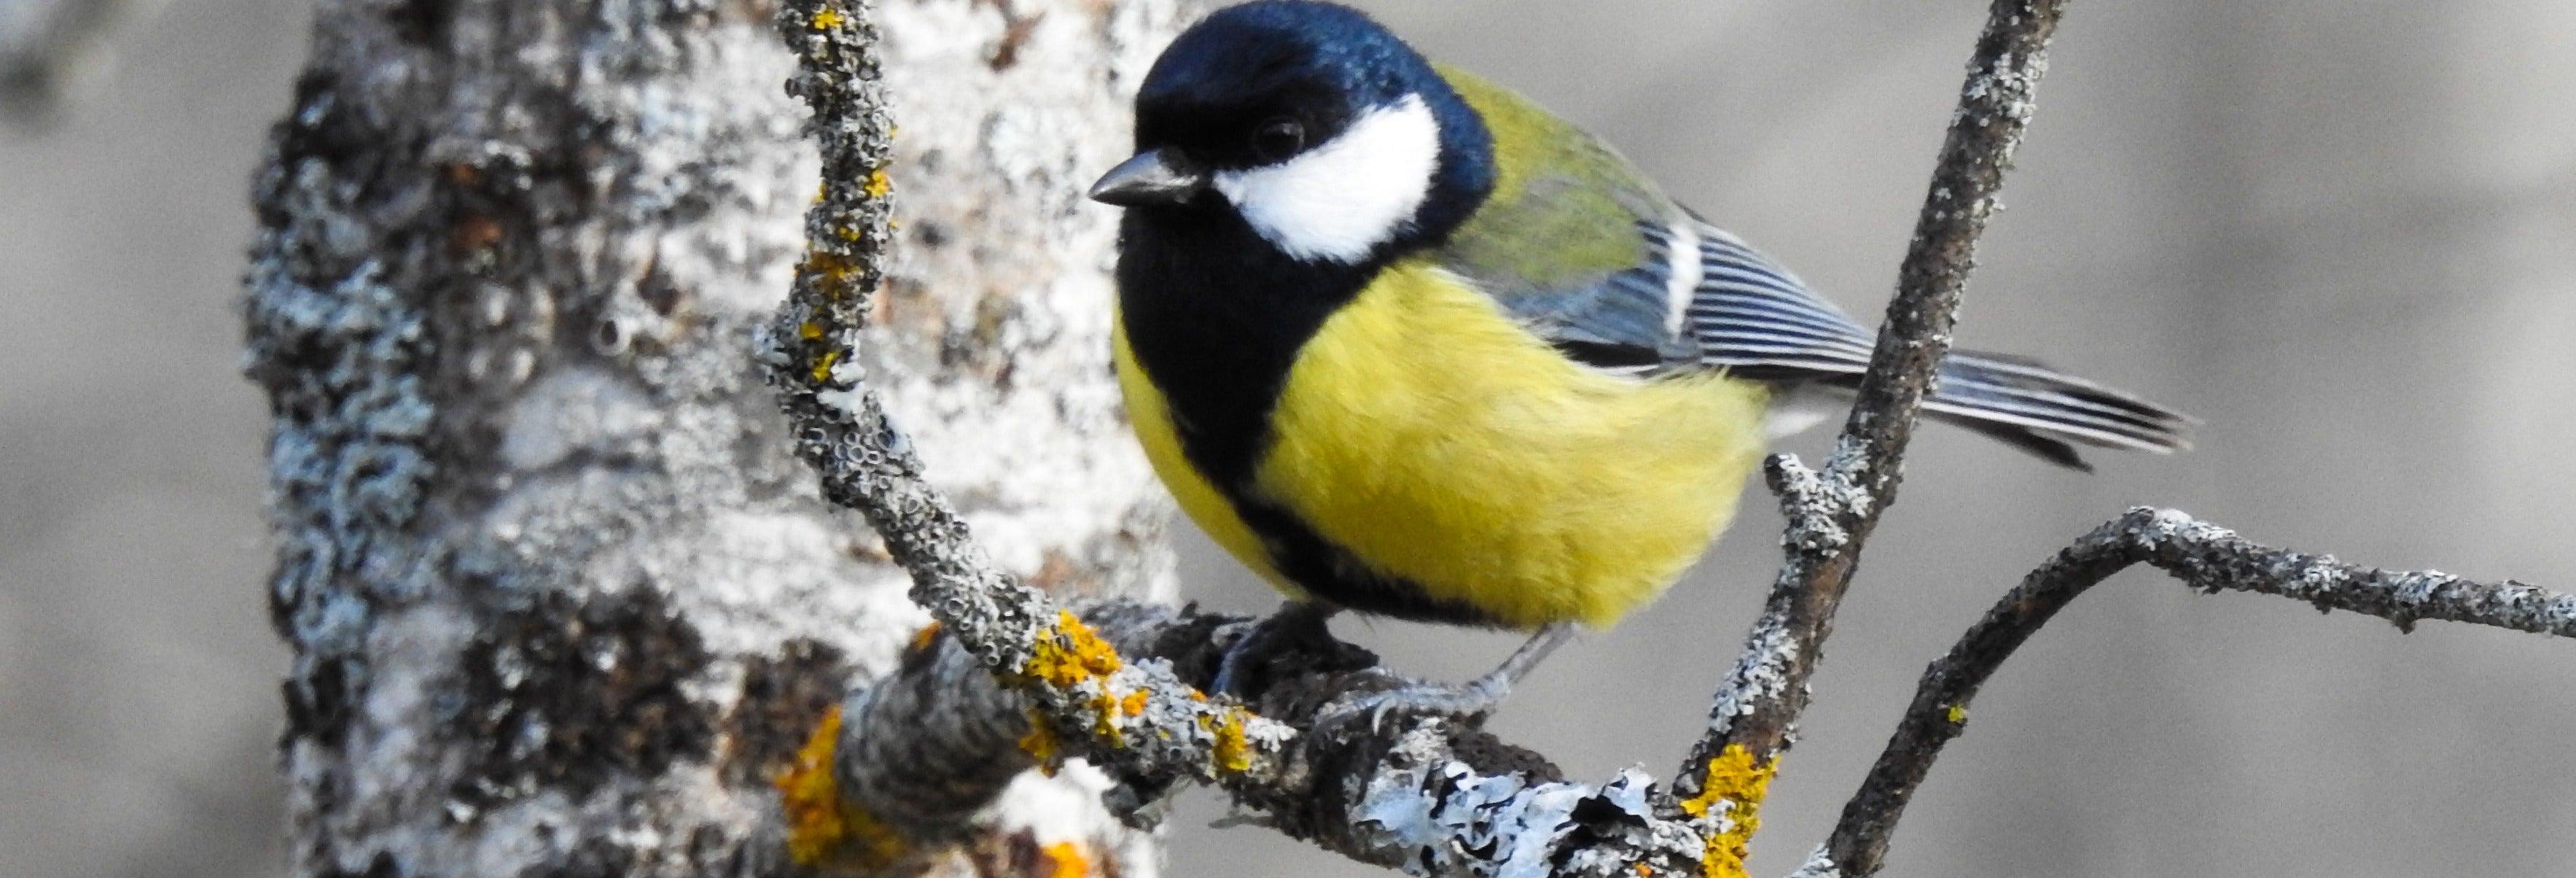 Avistamiento de aves en El Pardo